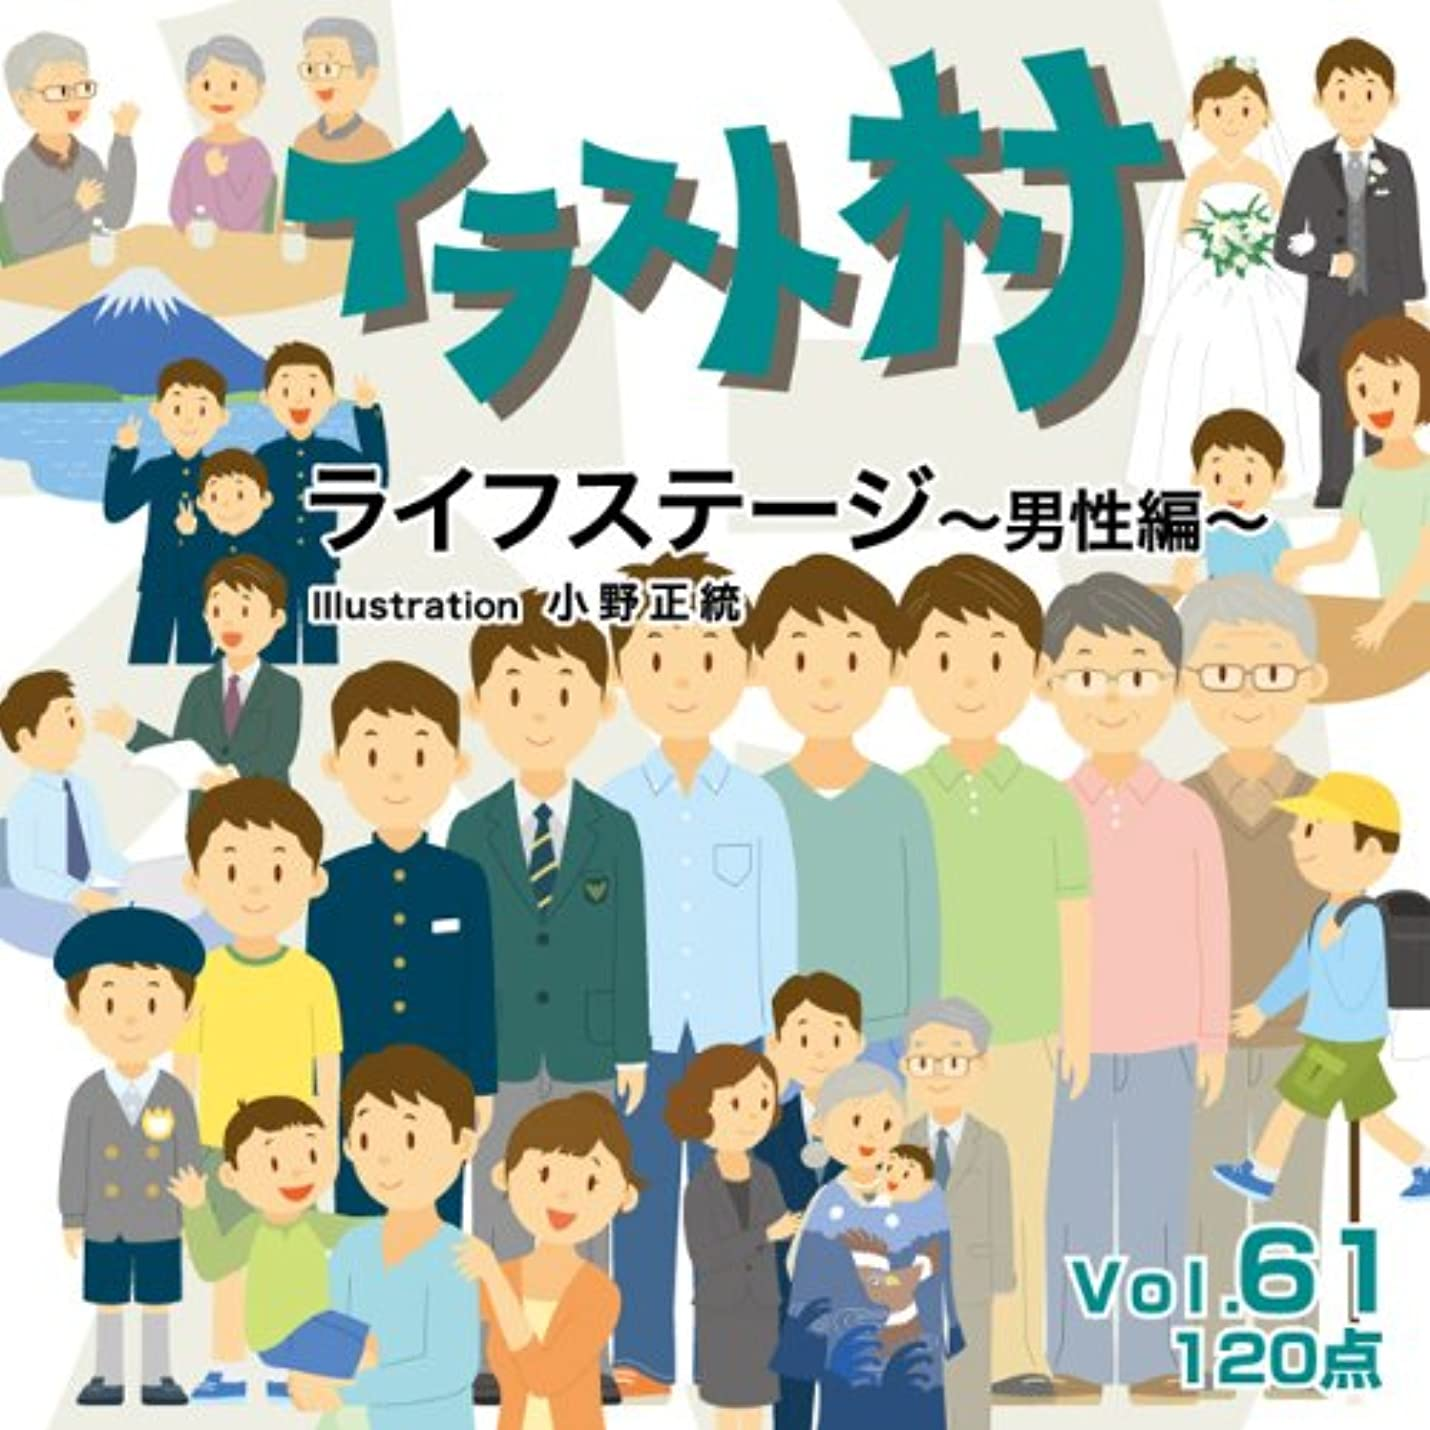 商標実質的に設計イラスト村 Vol.61 ライフステージ 男性編